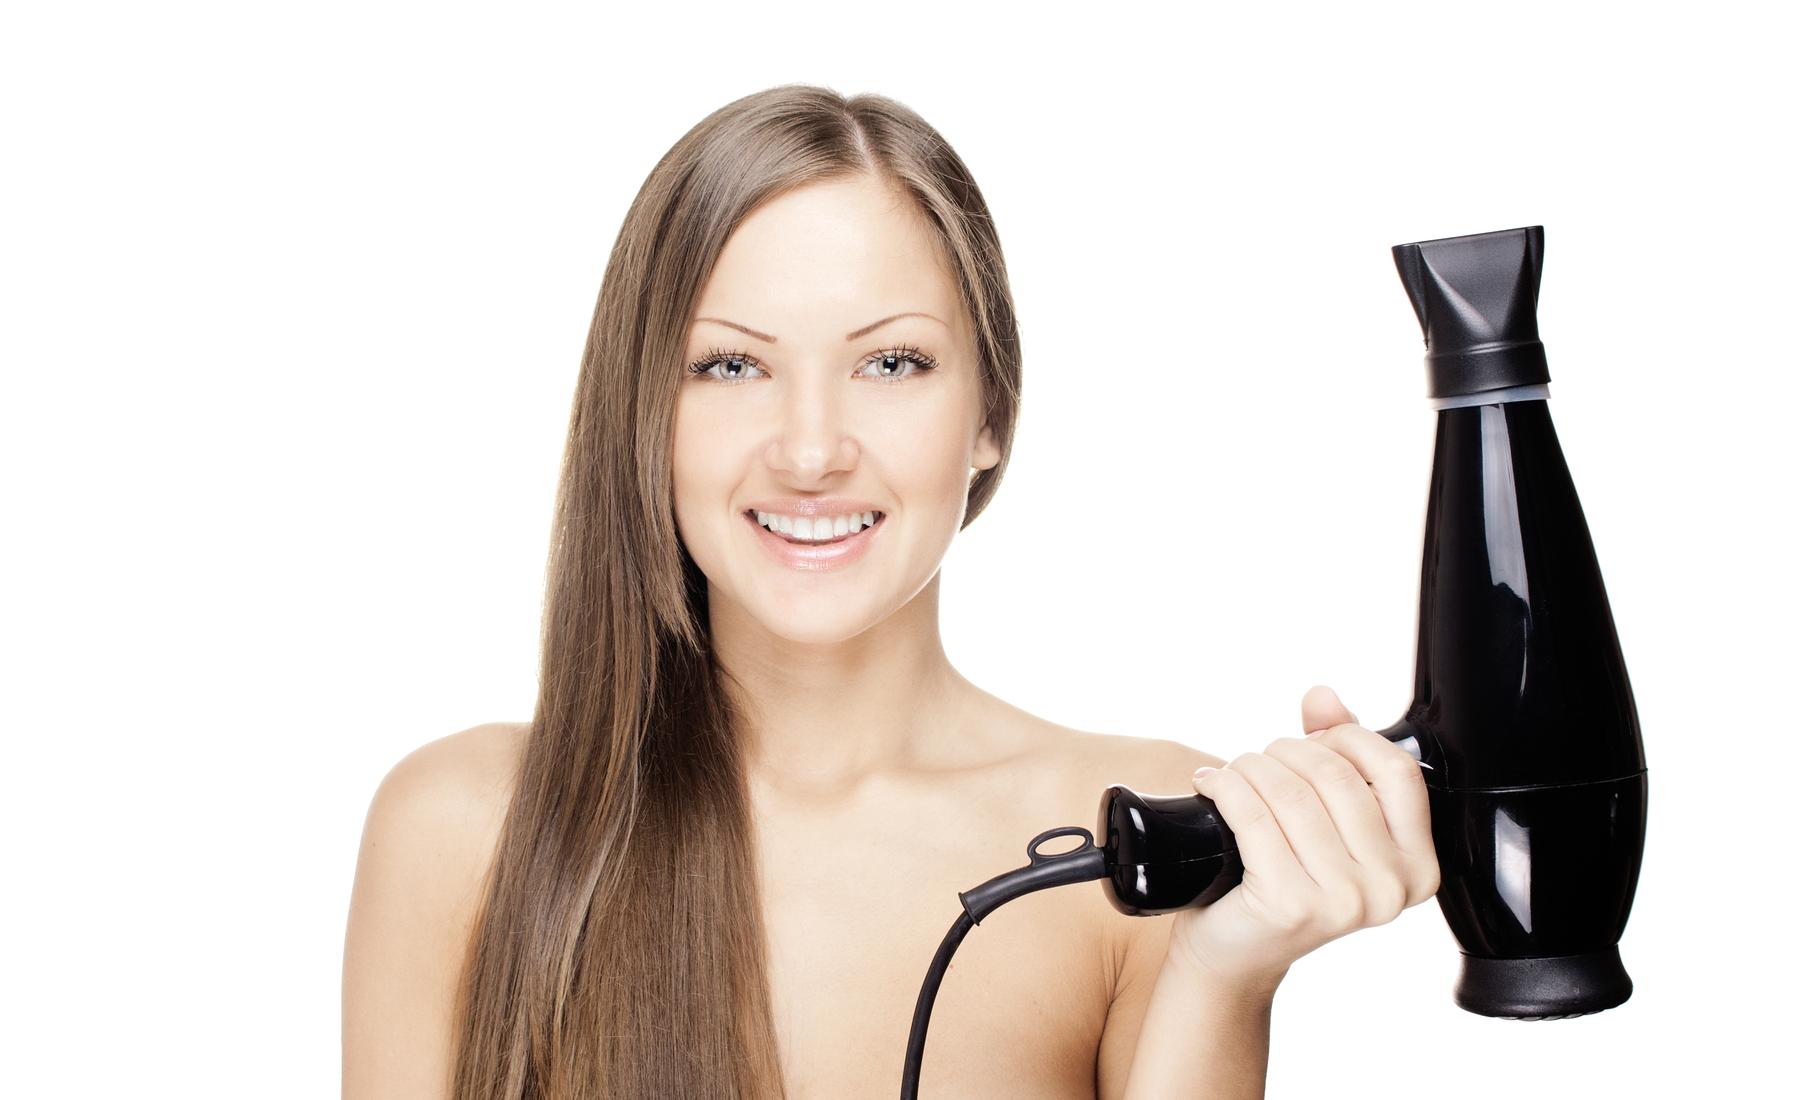 Как выбрать фен для волос — советы специалистов и видео